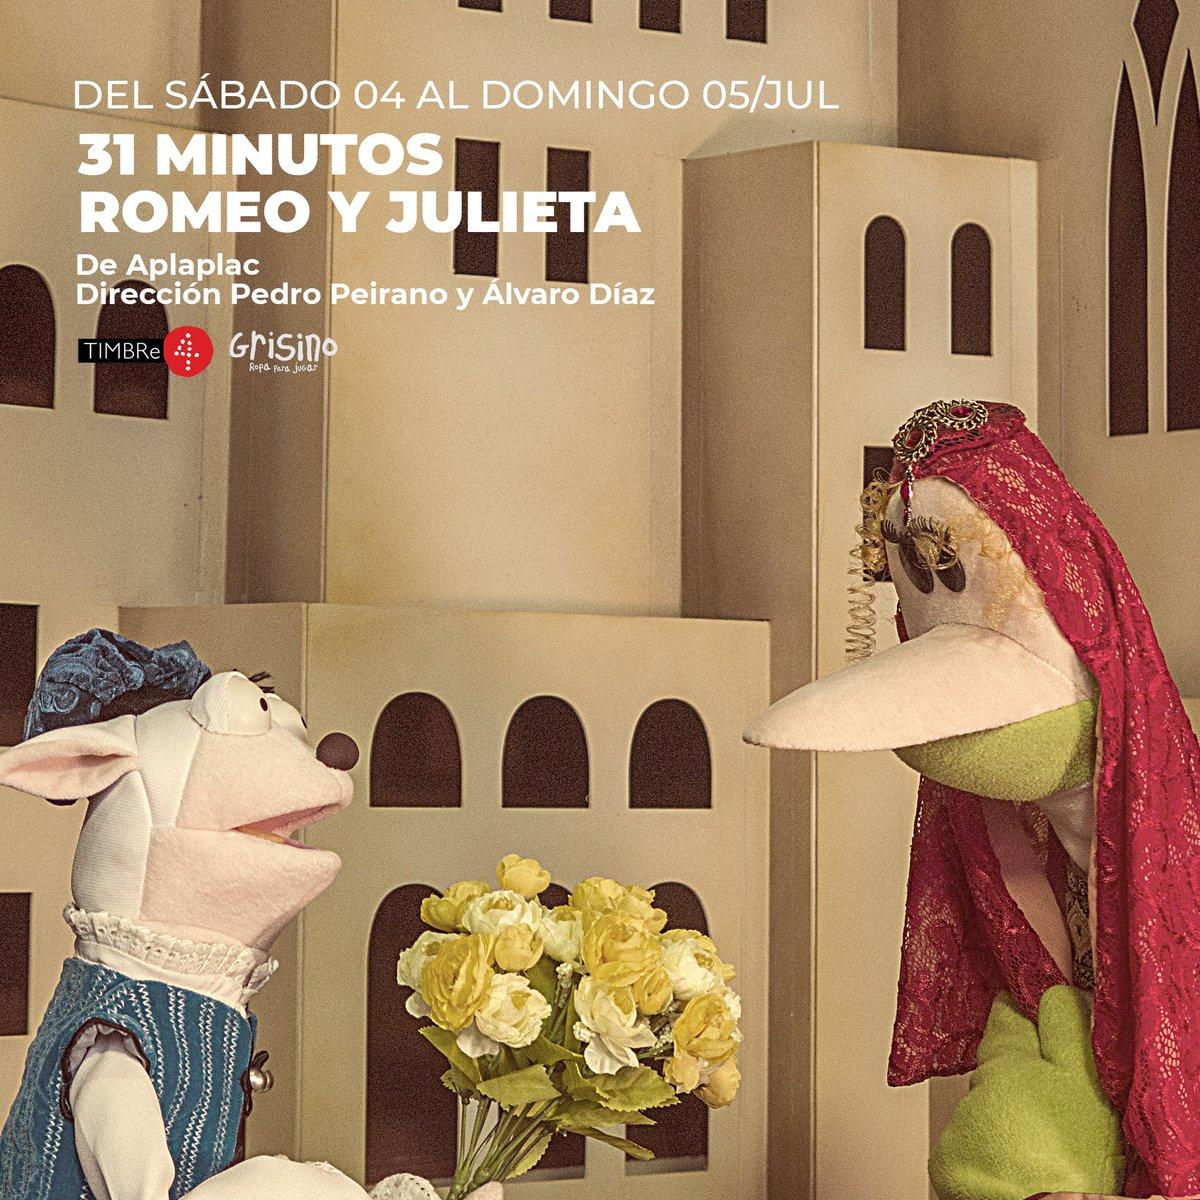 Para disfrutar el finde con los chicxs 🌈🌞 #TIMBRe4KIDS Tendrán disponible desde el Sábado hasta el Domingo a última hora una divertida obra de títeres. . 📍31 Minutos: Romeo y Julieta. . Todo en nuestra web. 😊👉 https://t.co/44tgAJsl4u . . . Auspiciado x @Grisinoar https://t.co/JTFGwT3zSu